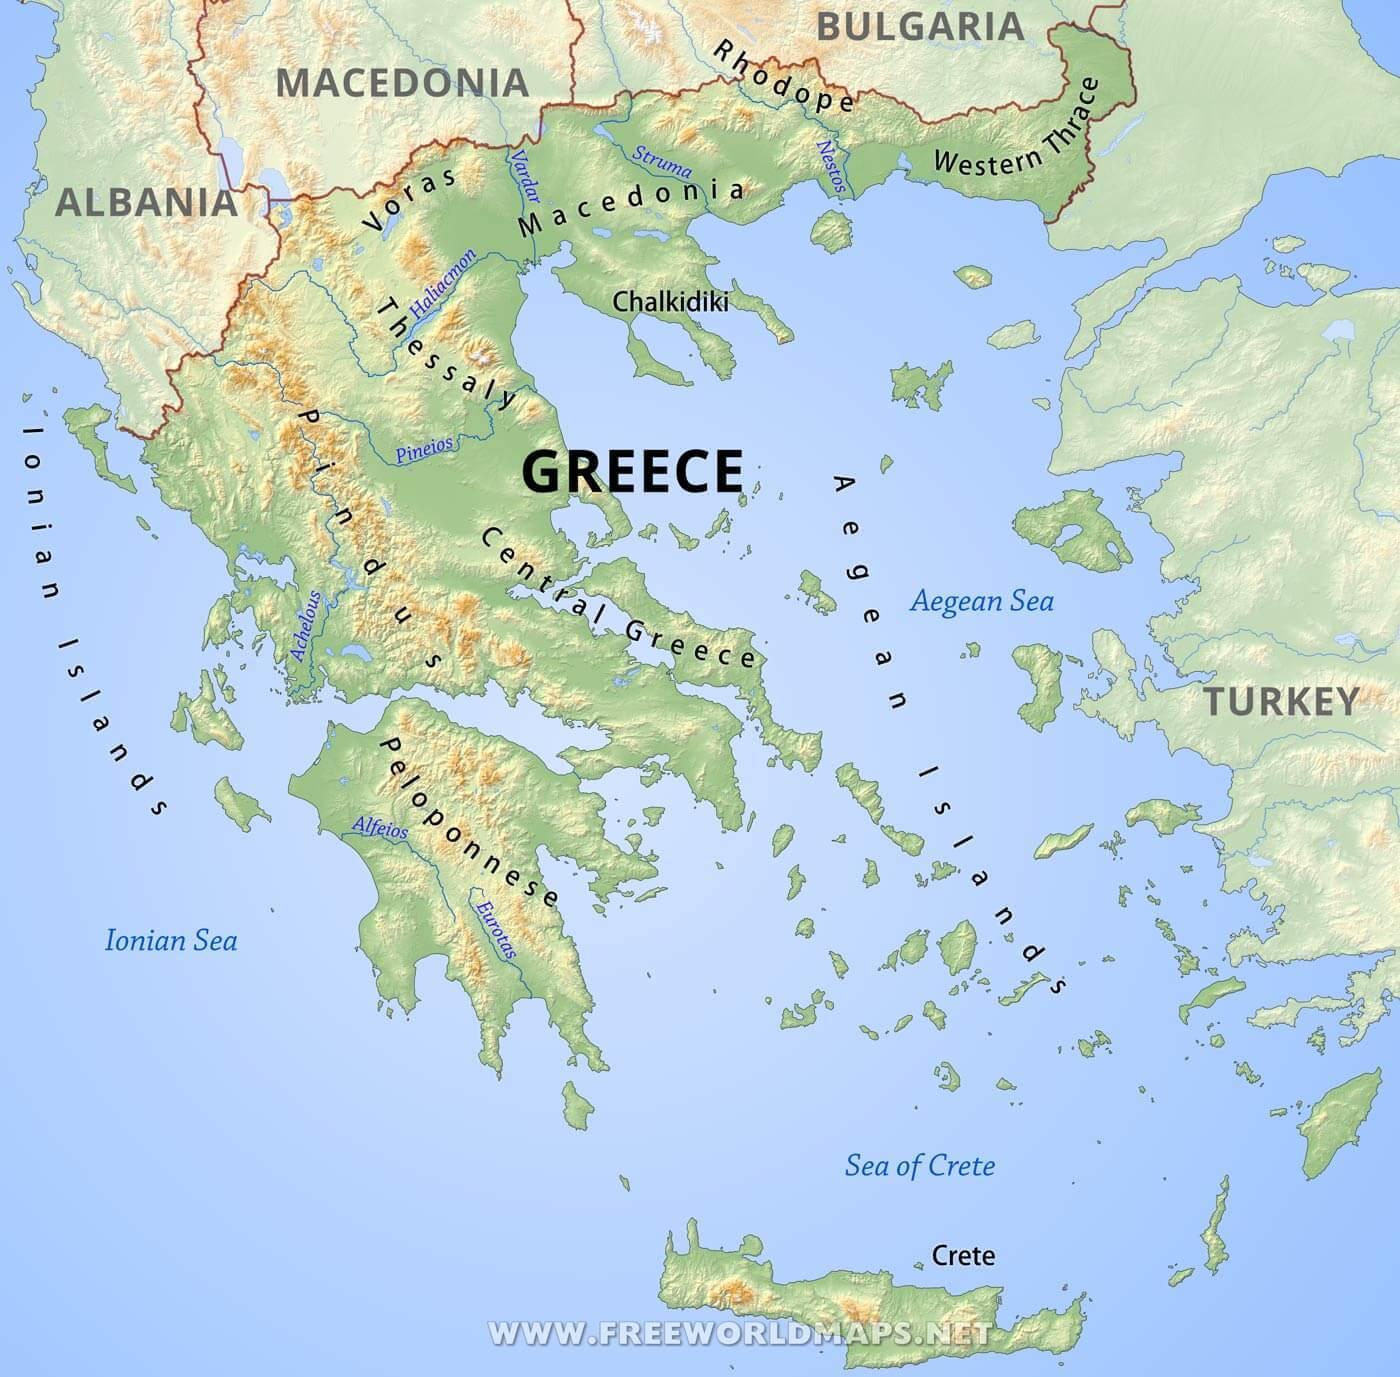 Planine U Grckoj Karta Grcke Planine Juzna Europa Europa